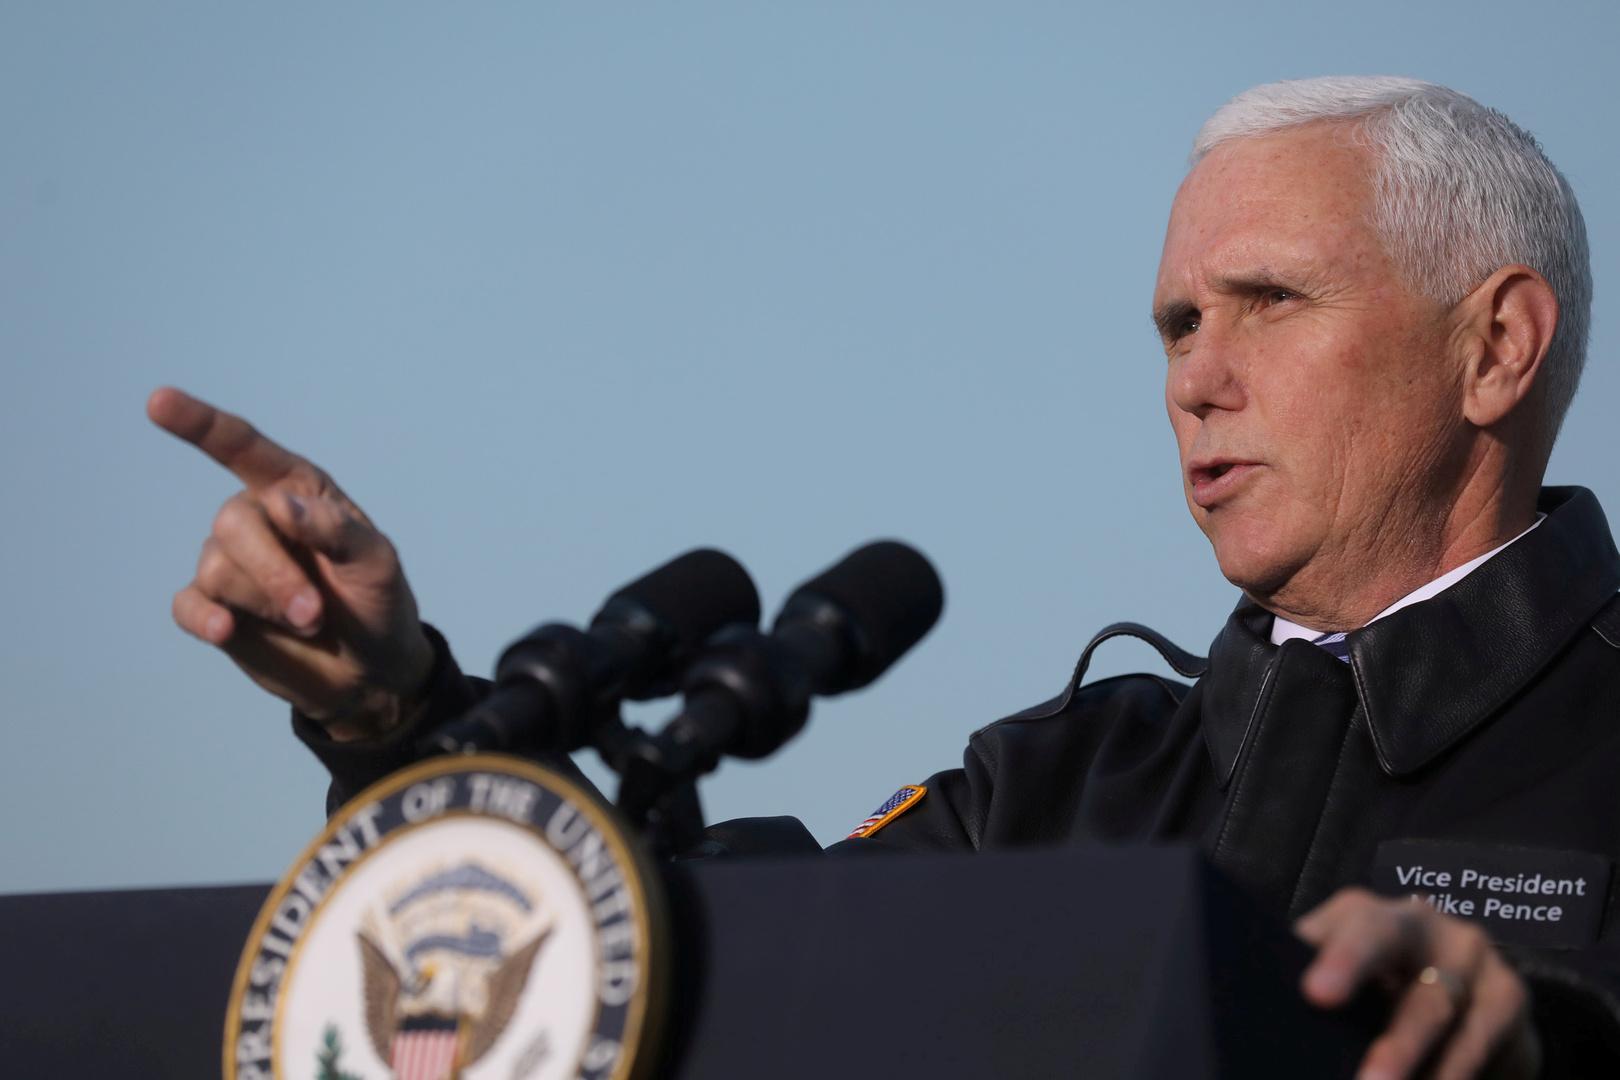 نائب الرئيس الأمريكي: نتلقى معلومات استخباراتية مشجعة من إيران!